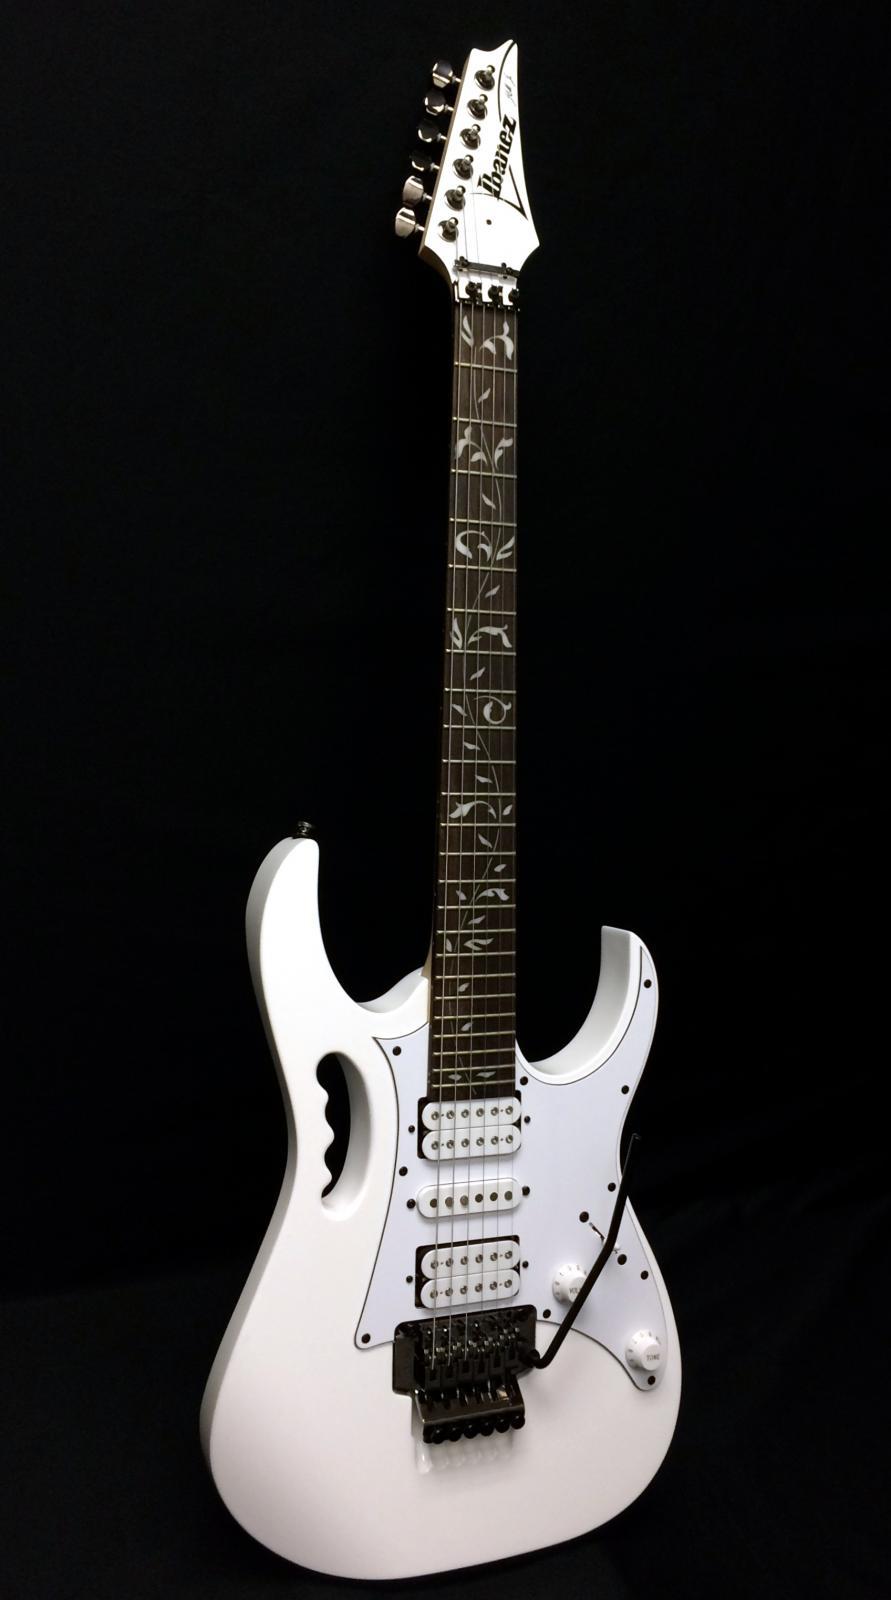 ibanez jemjr jem steve vai signature electric guitar white. Black Bedroom Furniture Sets. Home Design Ideas